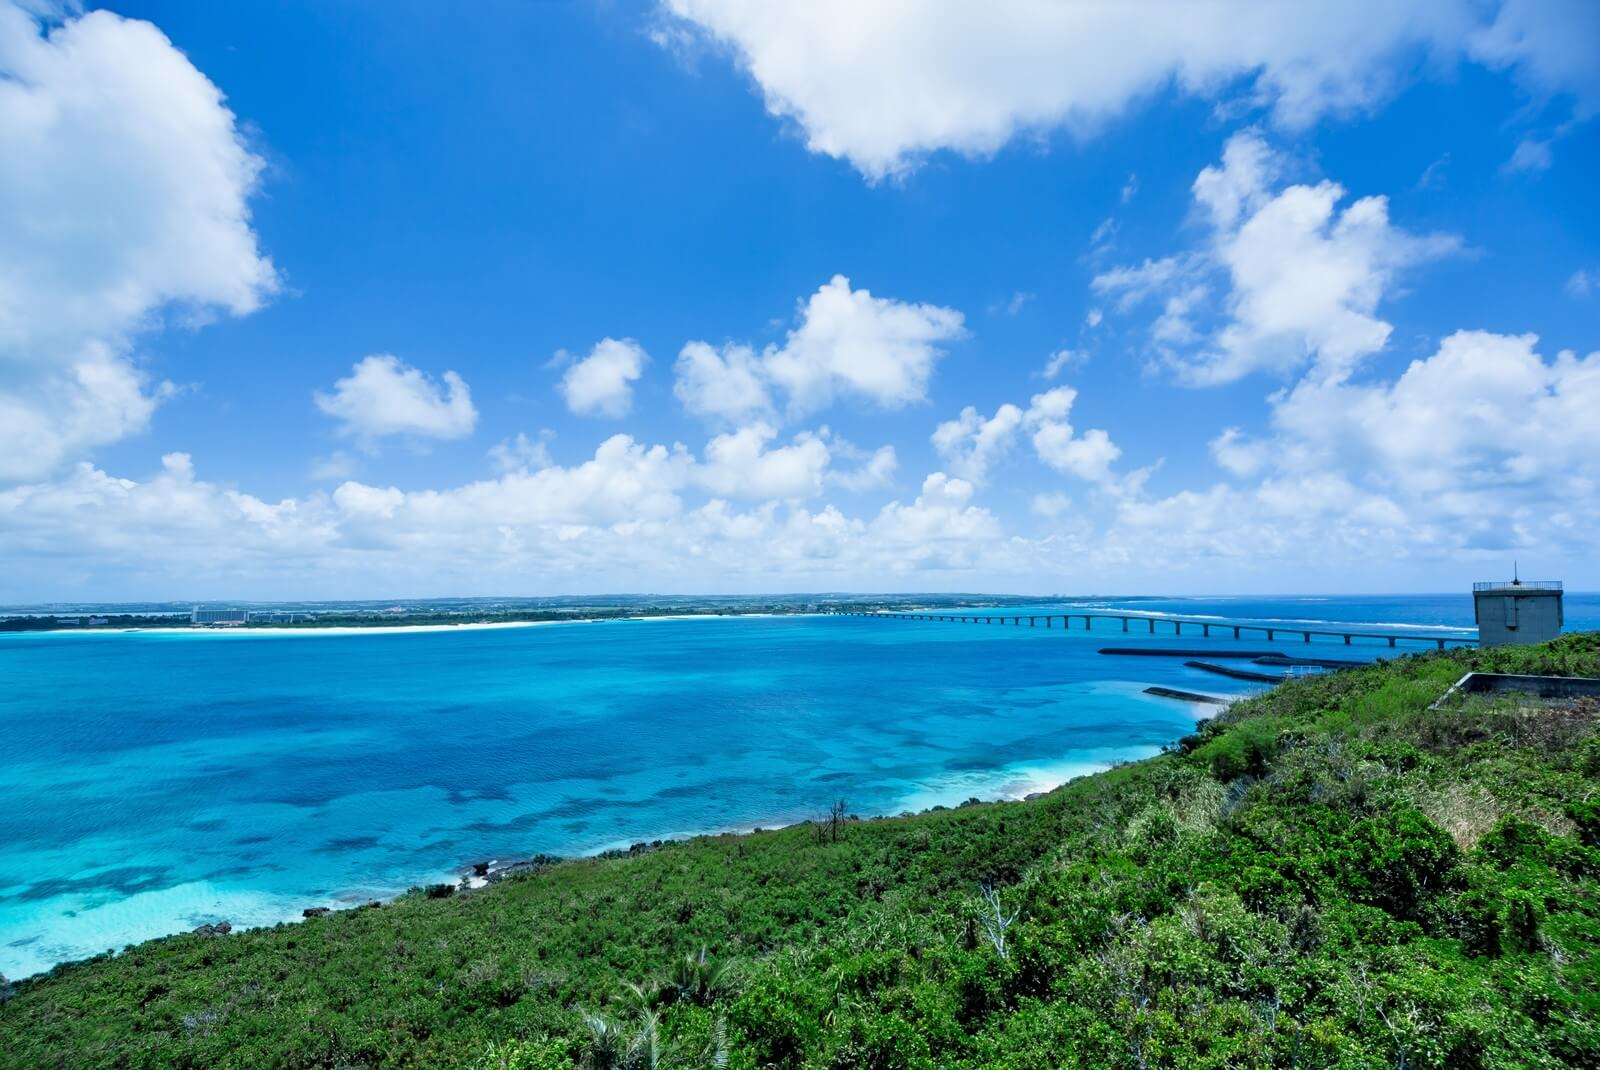 宮古島に行くならぜひチャレンジして欲しい!海の魅力を全身で体験できるアクティビティ